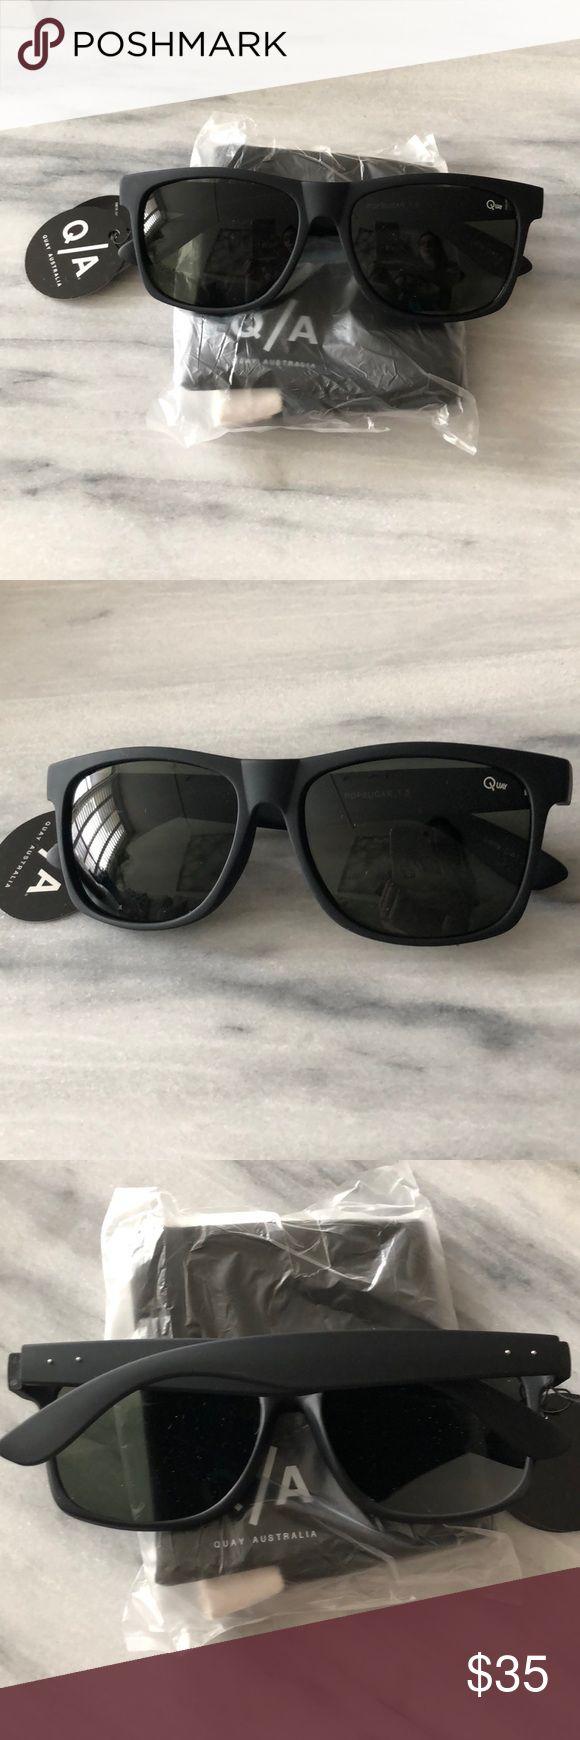 Black Quay Australia sunglasses. Never worn! Fun black matte Quay Australia sunglasses - never worn! Perfect condition. Quay Australia Accessories Sunglasses